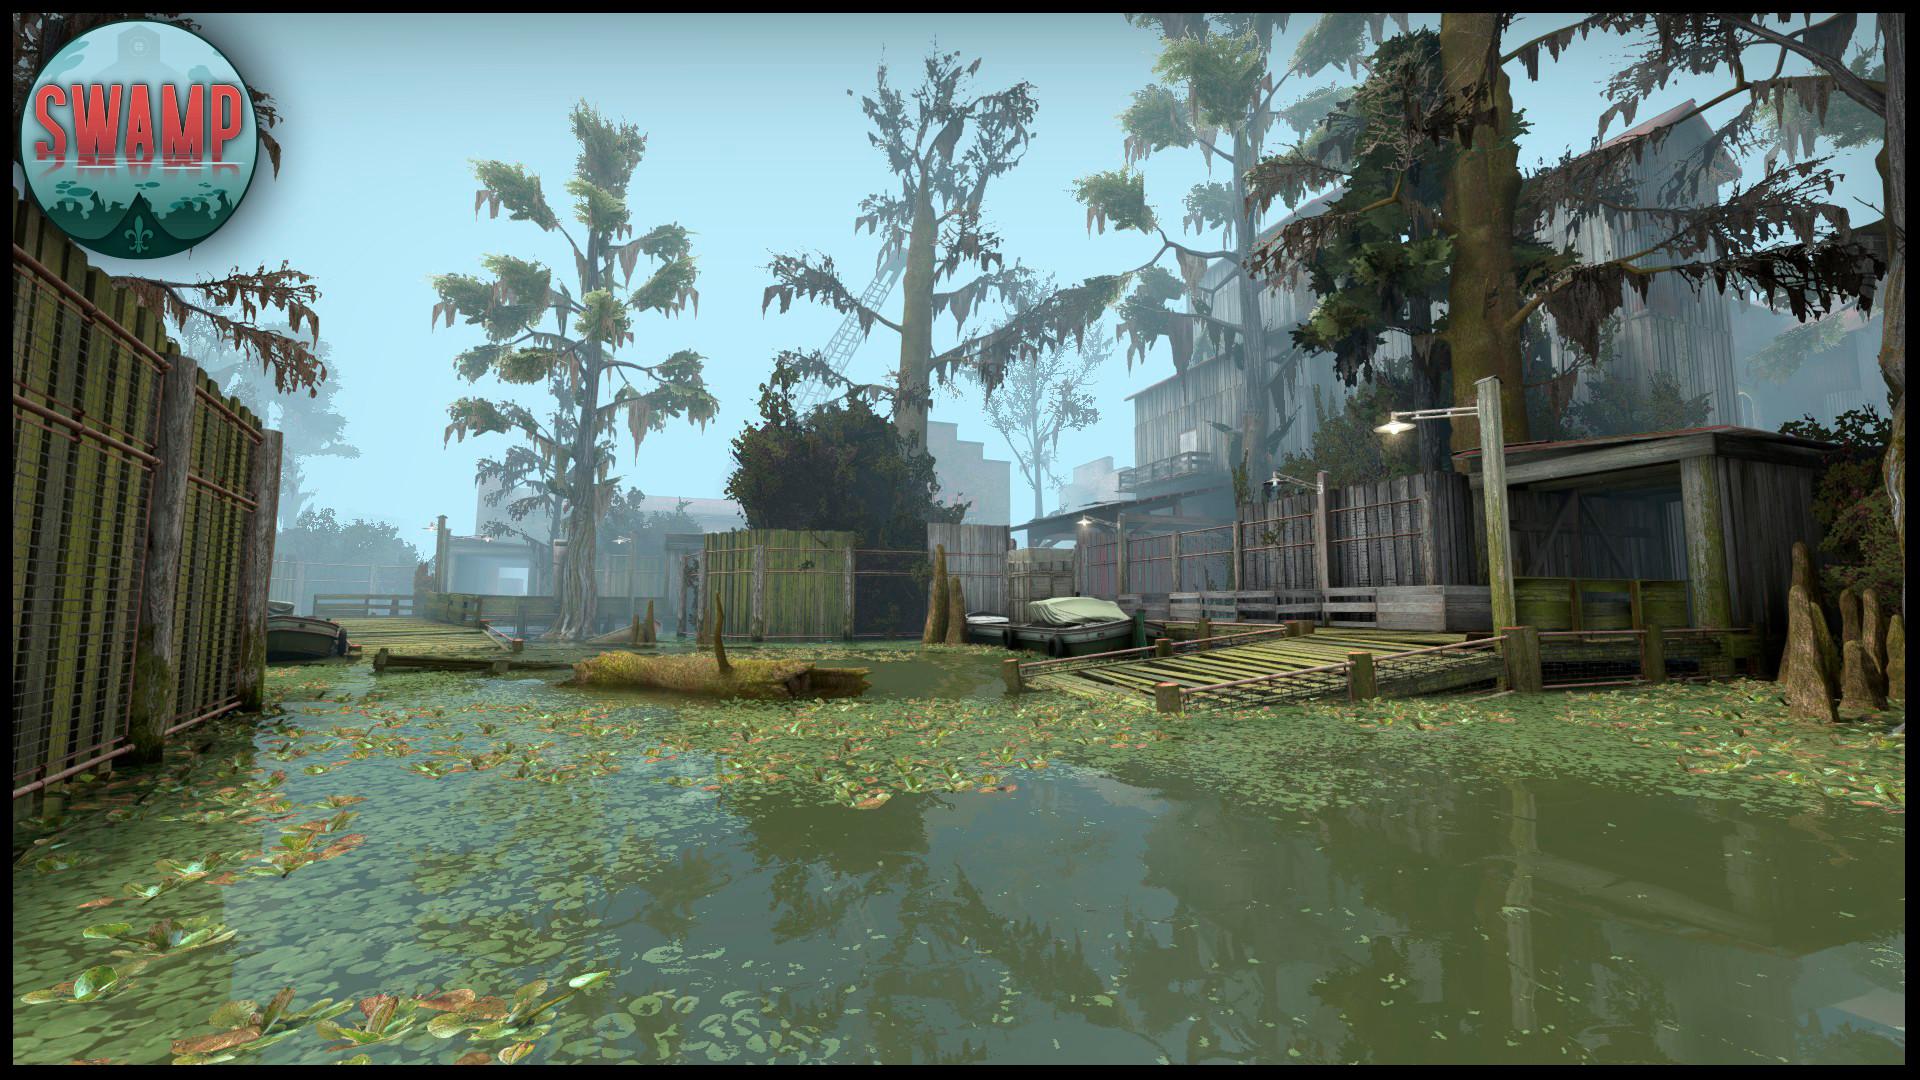 swamp.jpg.4c1782cb418c7cd92243a28ee02120e7.jpg